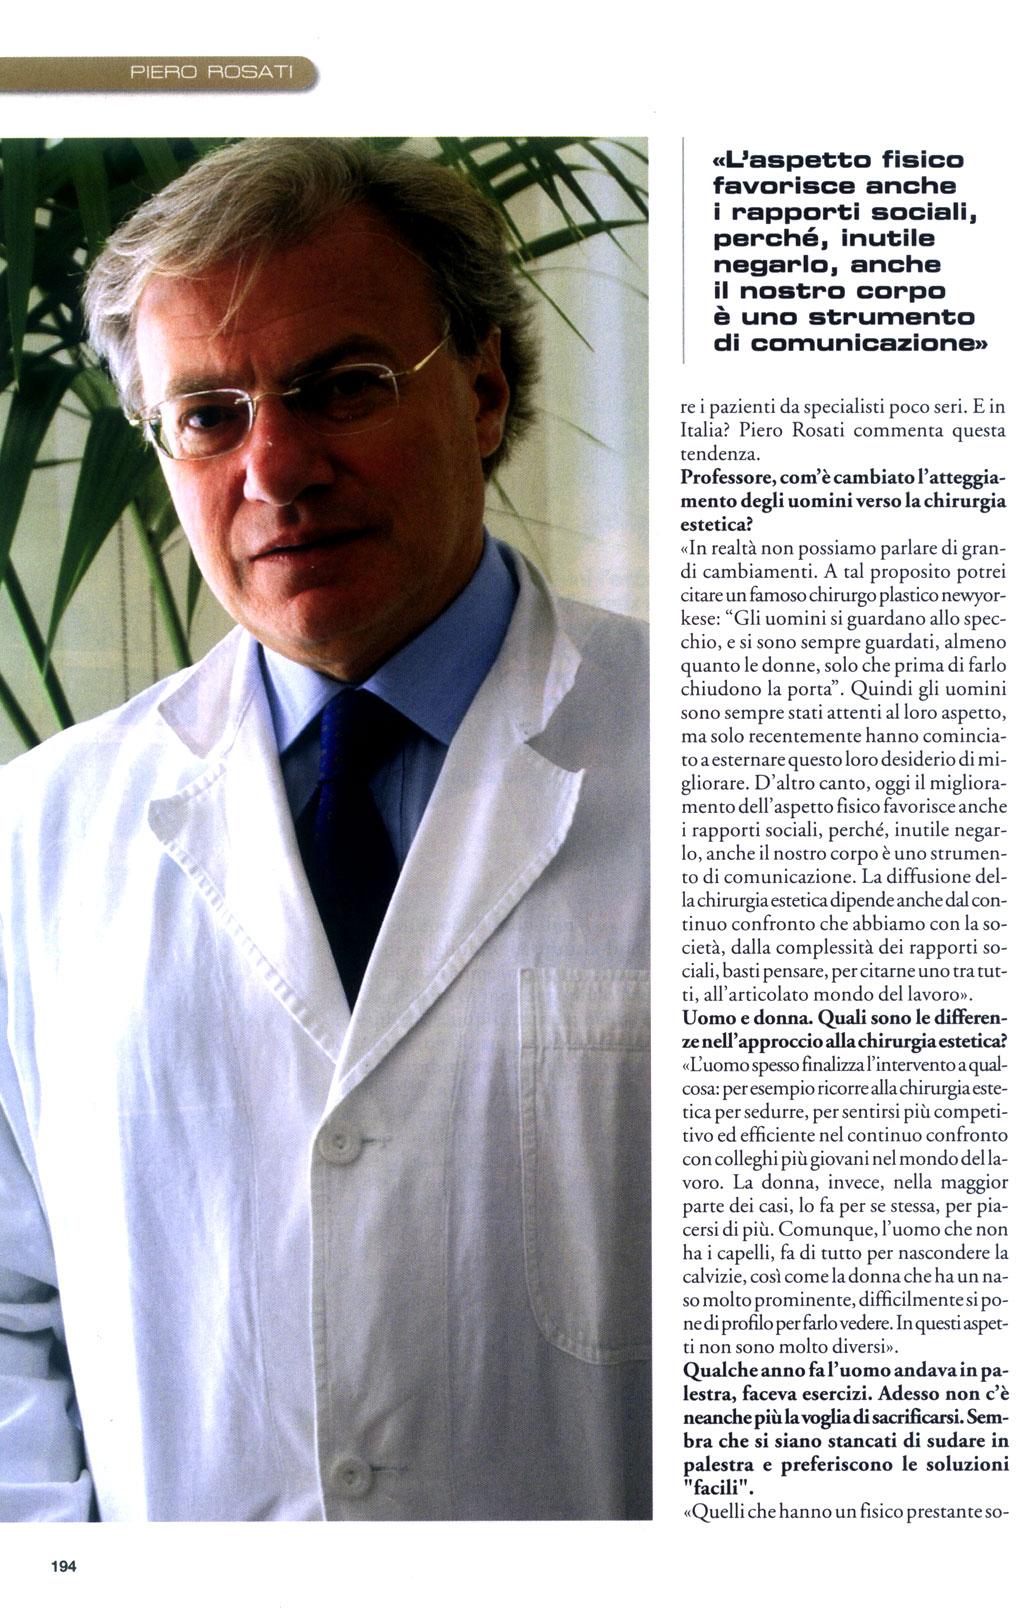 La vanità è anche uomo - articolo di Sanissimi su Piero Rosati 3